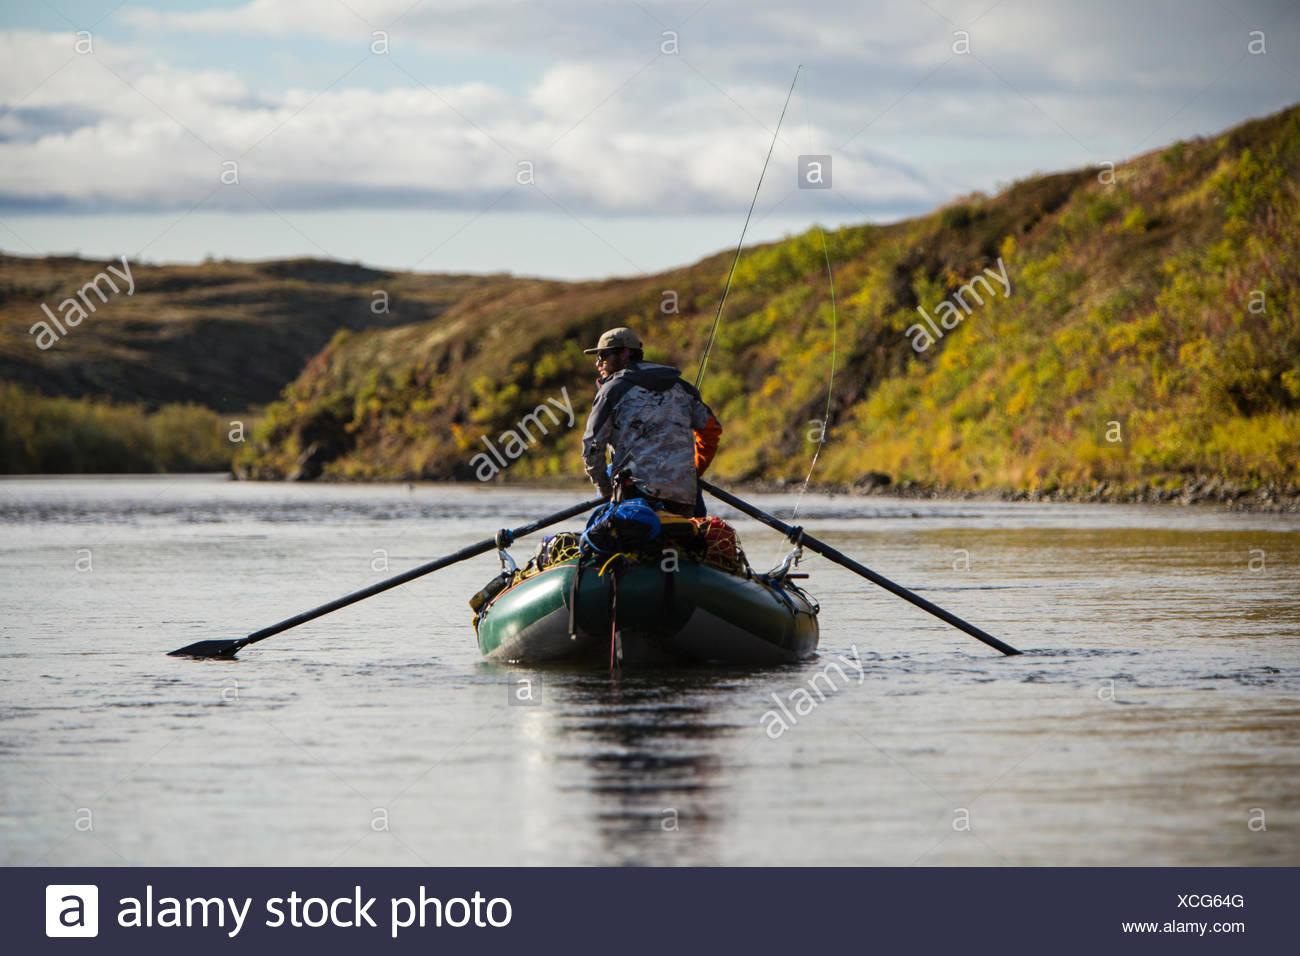 Un homme balaie l'eau pour les saumons alors que l'aviron son radeau vers le bas d'un ruisseau non désigné dans l'ouest de l'Alaska. Photo Stock